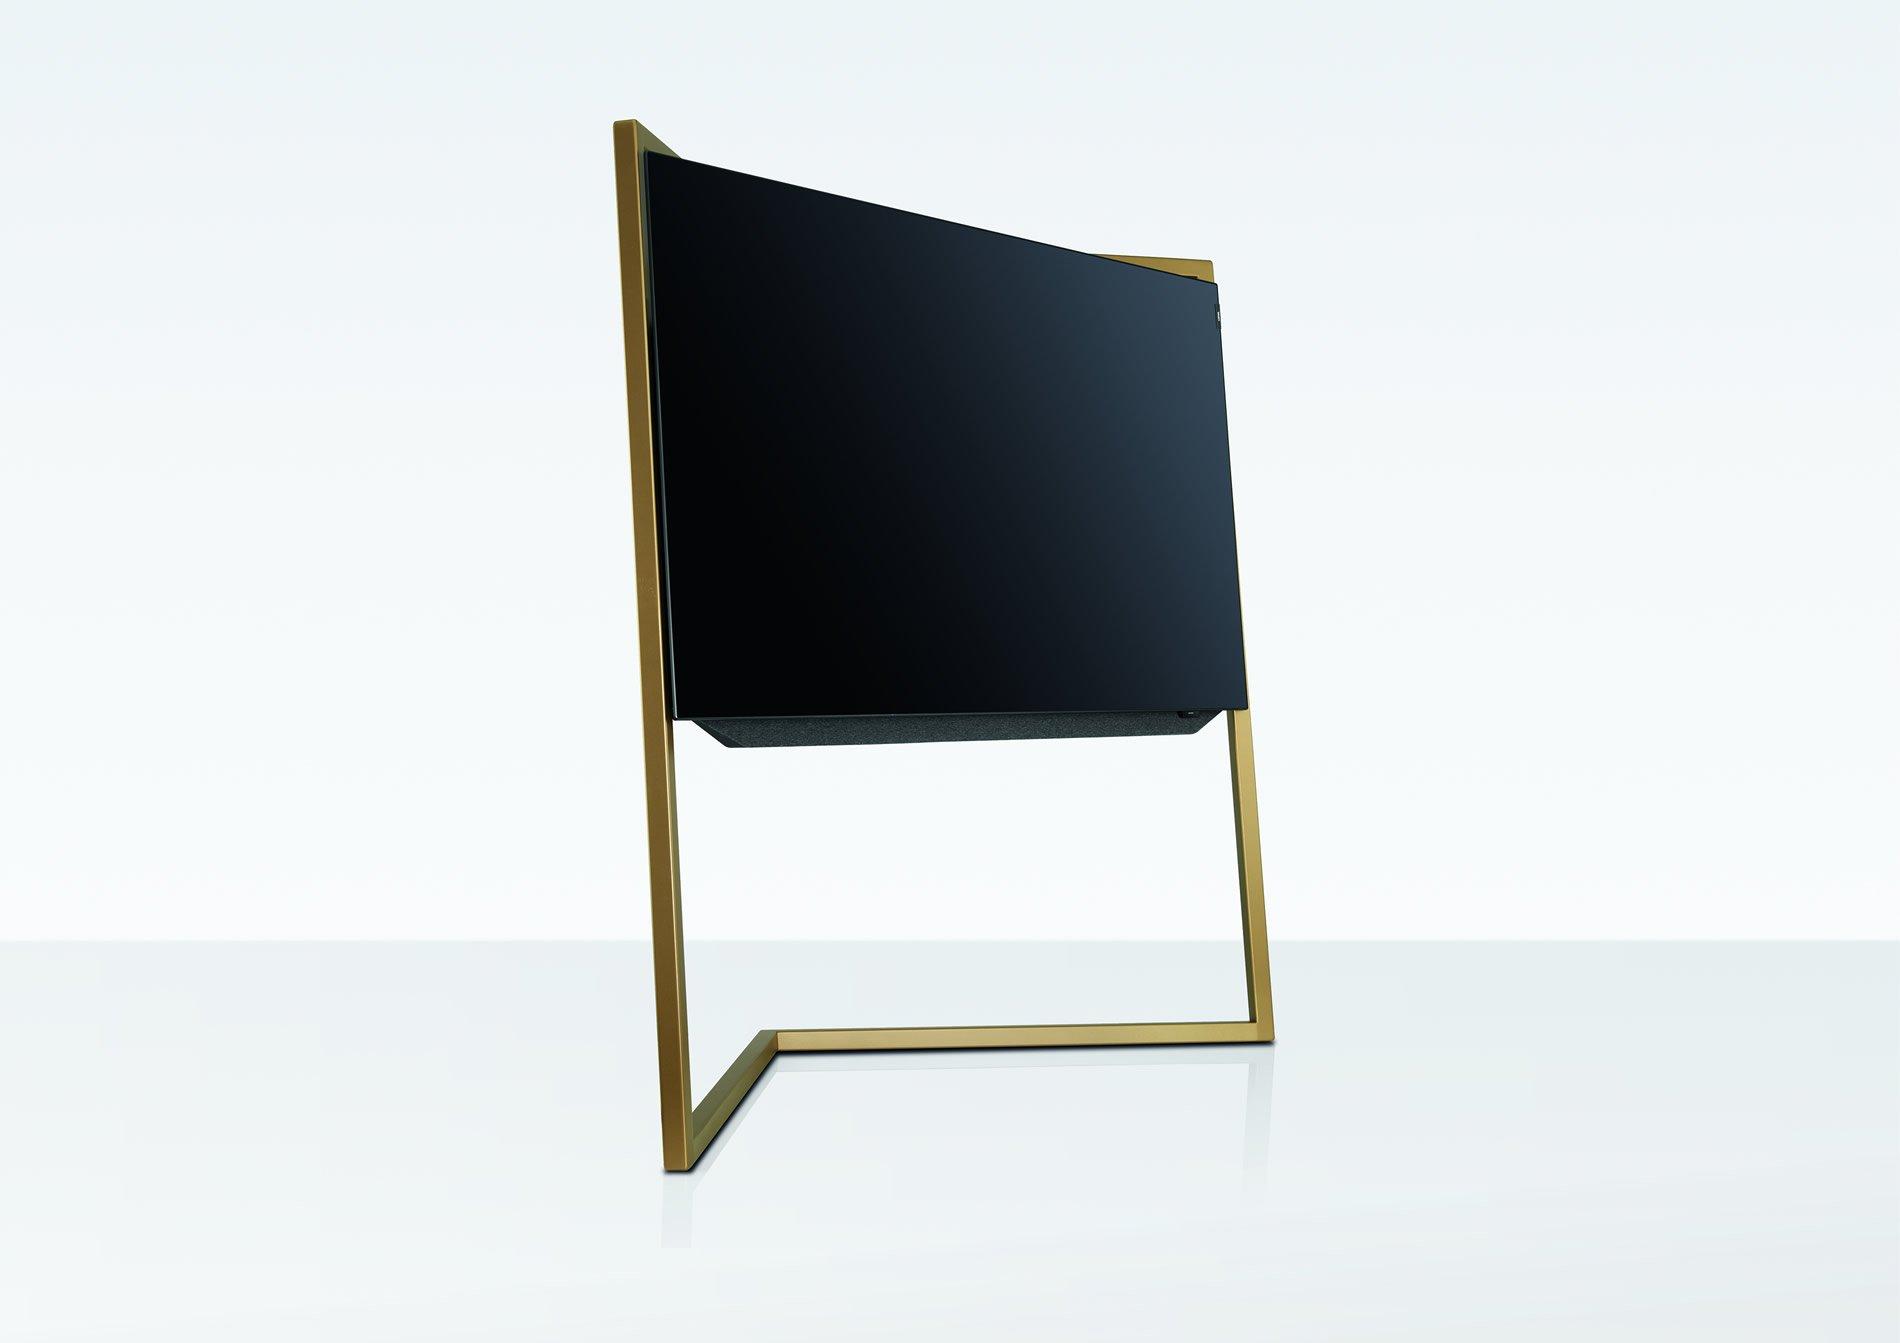 Loewe Bild 9 OLED TV